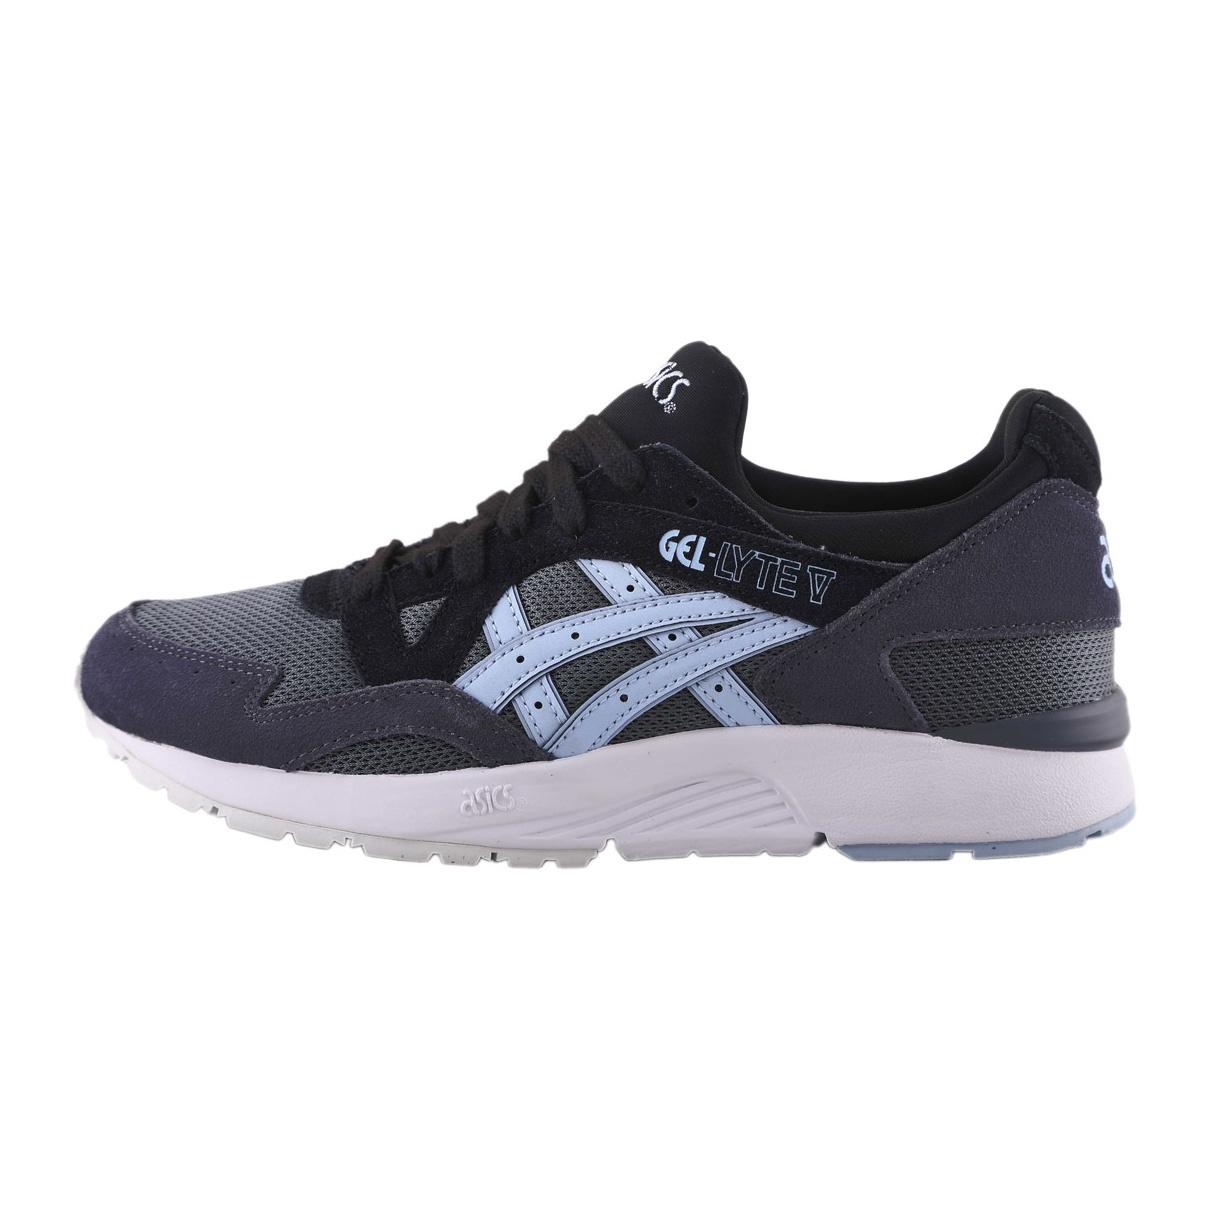 کفش مخصوص پیاده روی و دویدن  زنانه اسیکس مدل ژل لایت